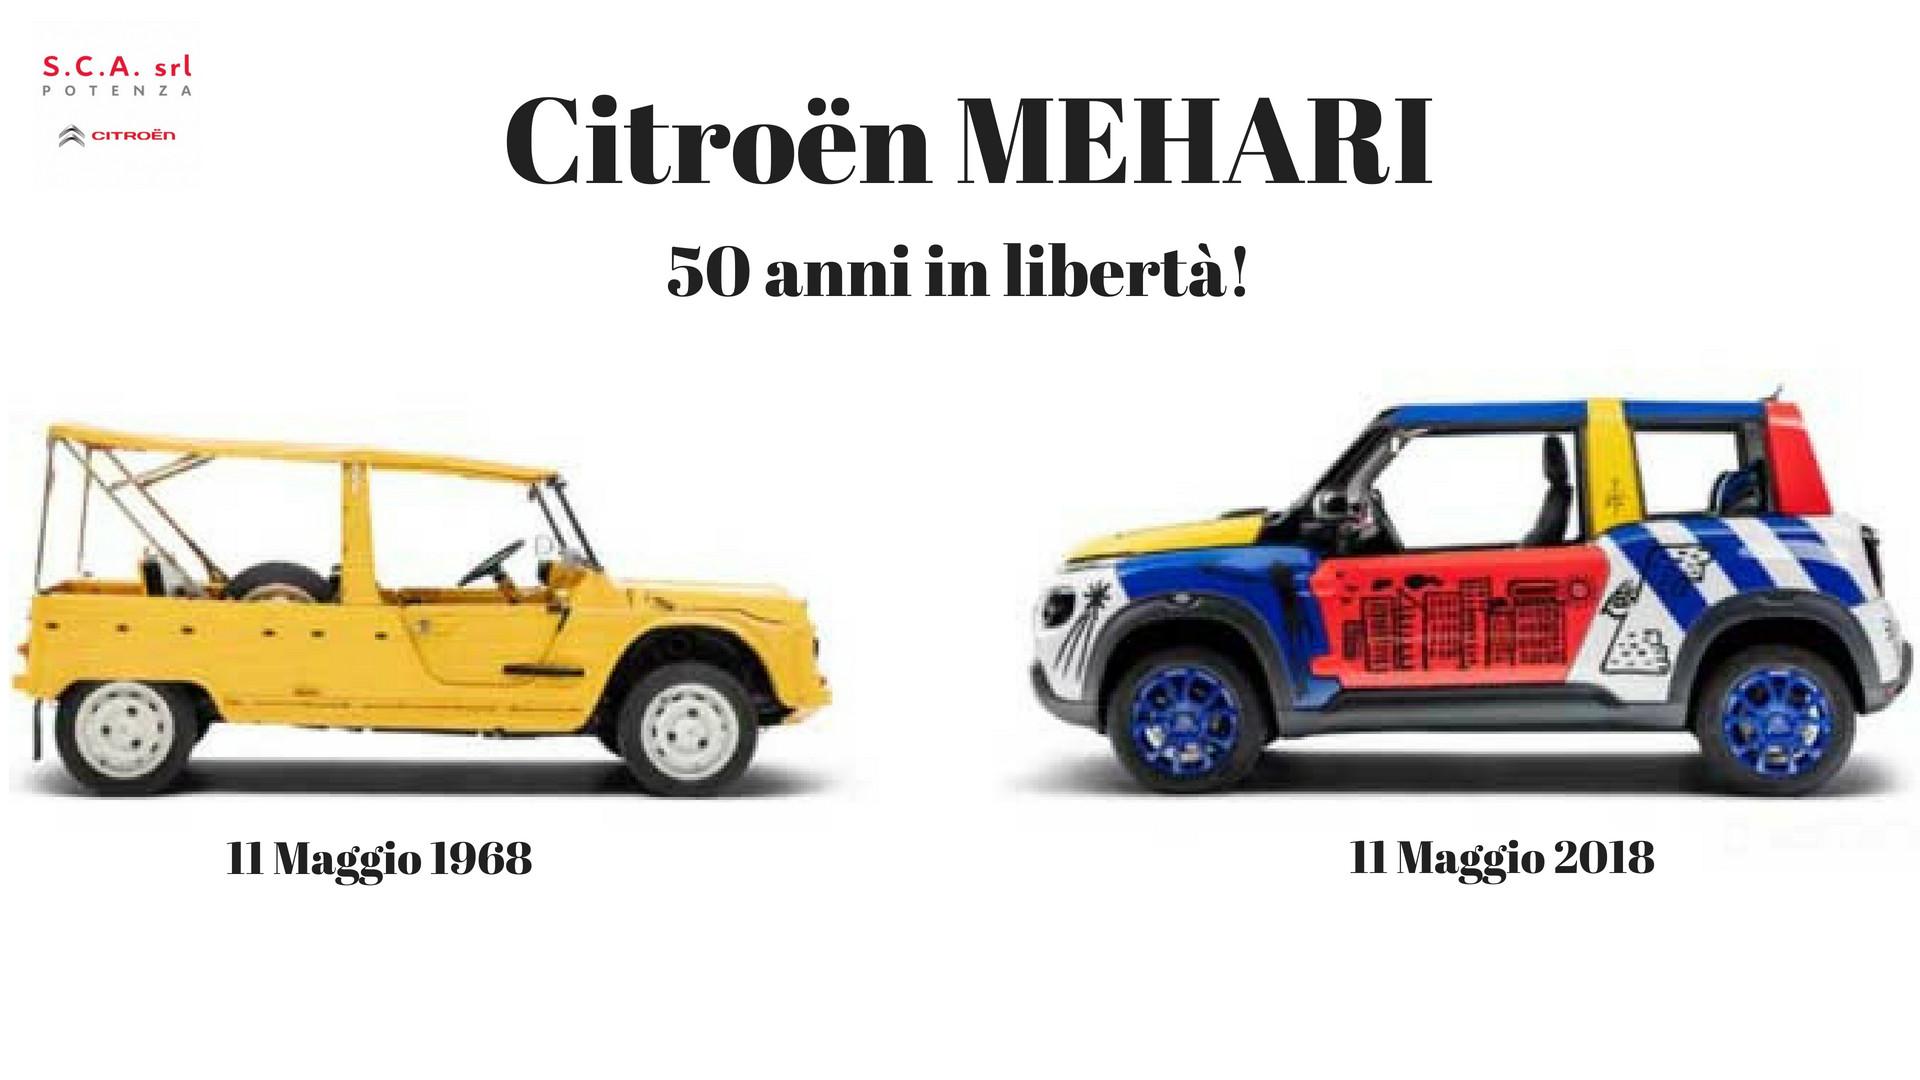 Citroën Mehari, da 50 anni simbolo di libertà